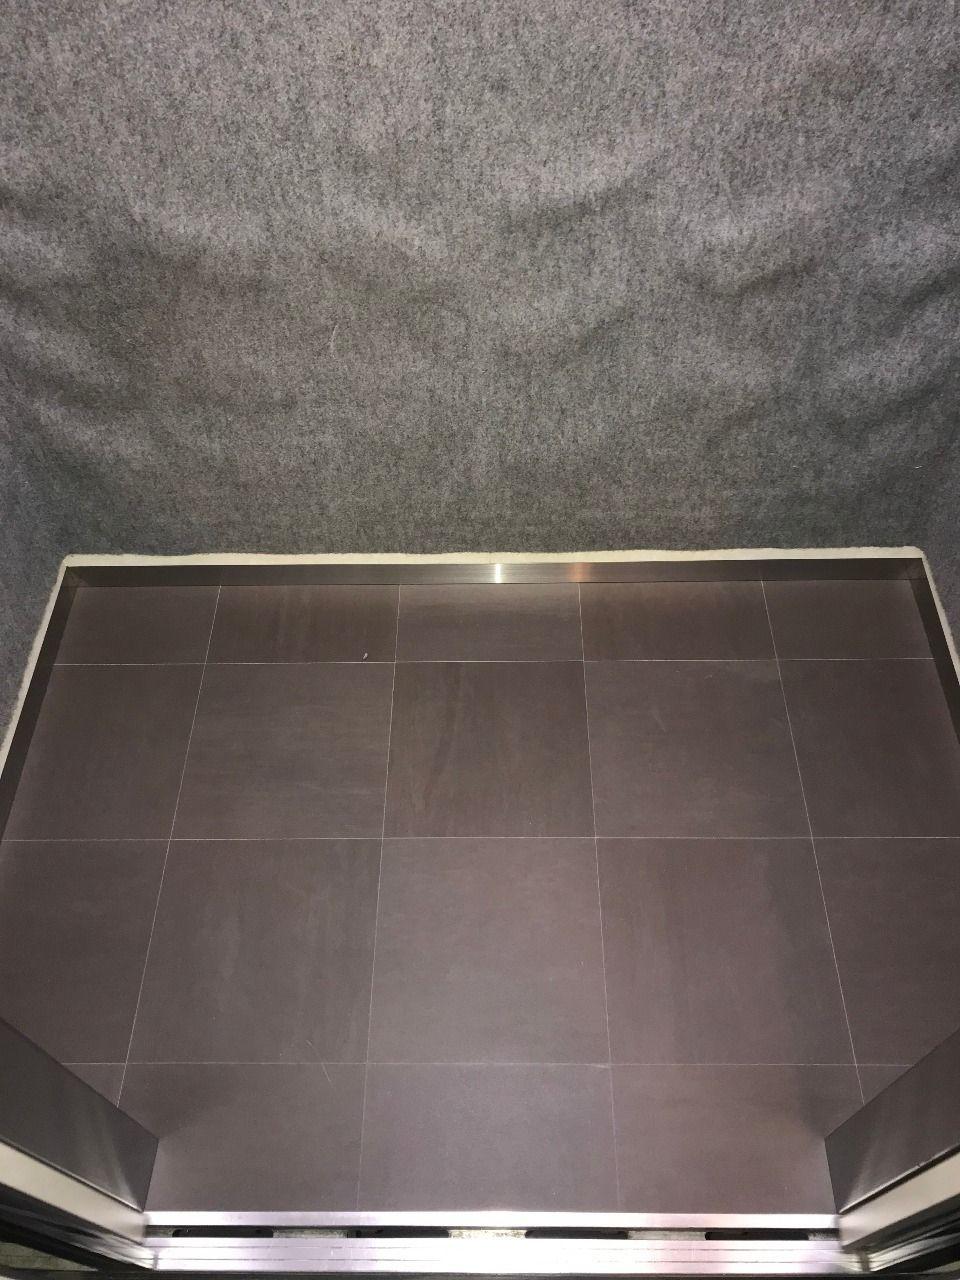 床はきれいなタイル仕様に